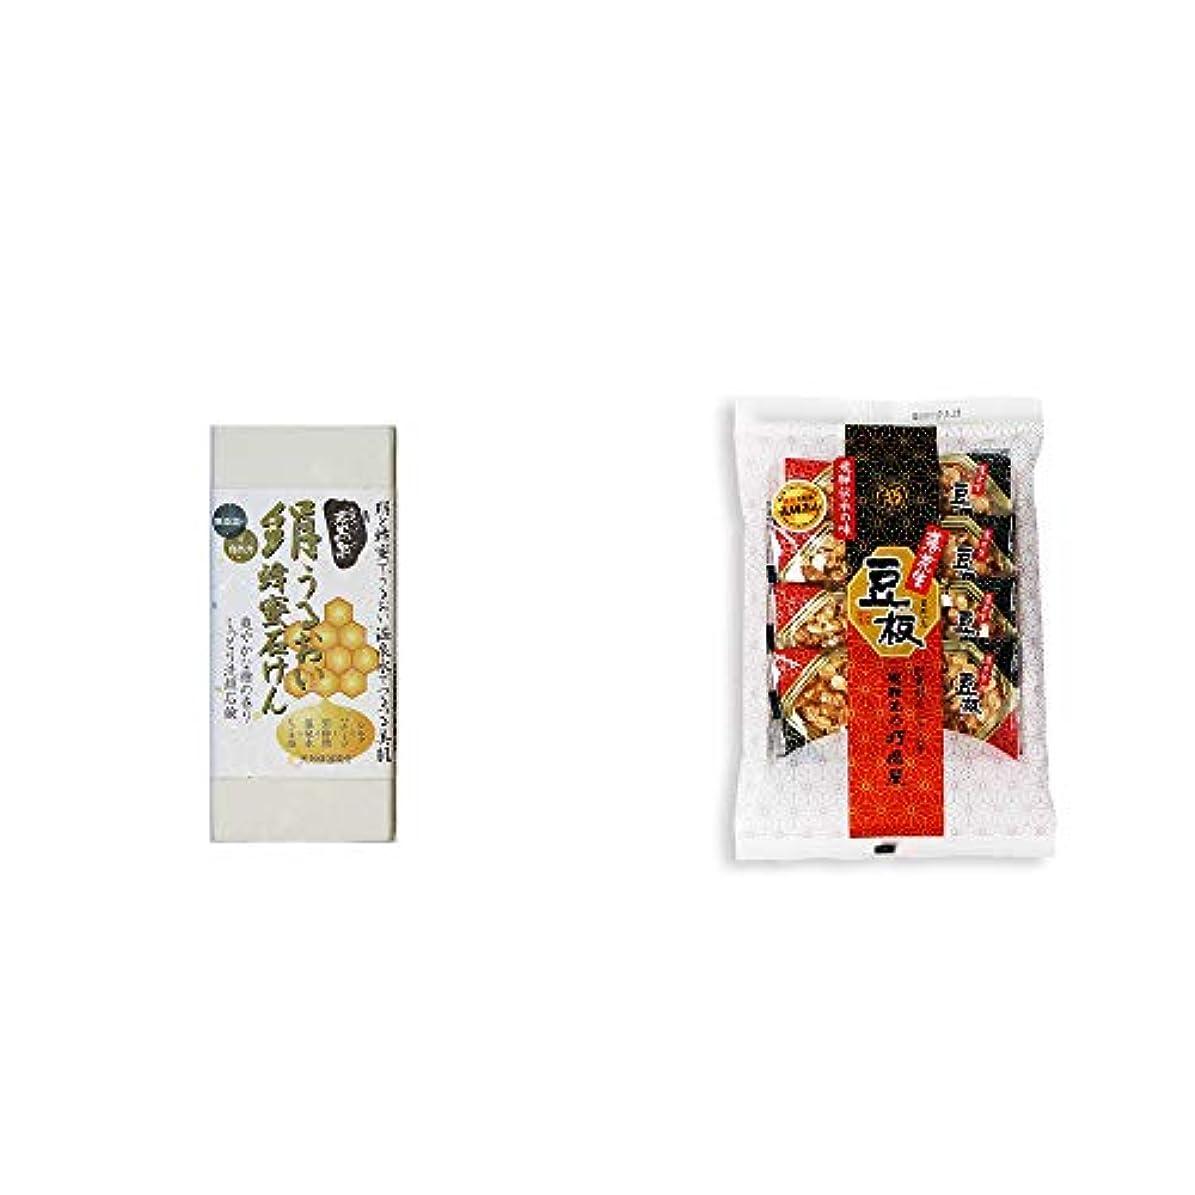 引数ピッチャー人に関する限り[2点セット] ひのき炭黒泉 絹うるおい蜂蜜石けん(75g×2)?飛騨銘菓「打保屋」の駄菓子 豆板(8枚入)